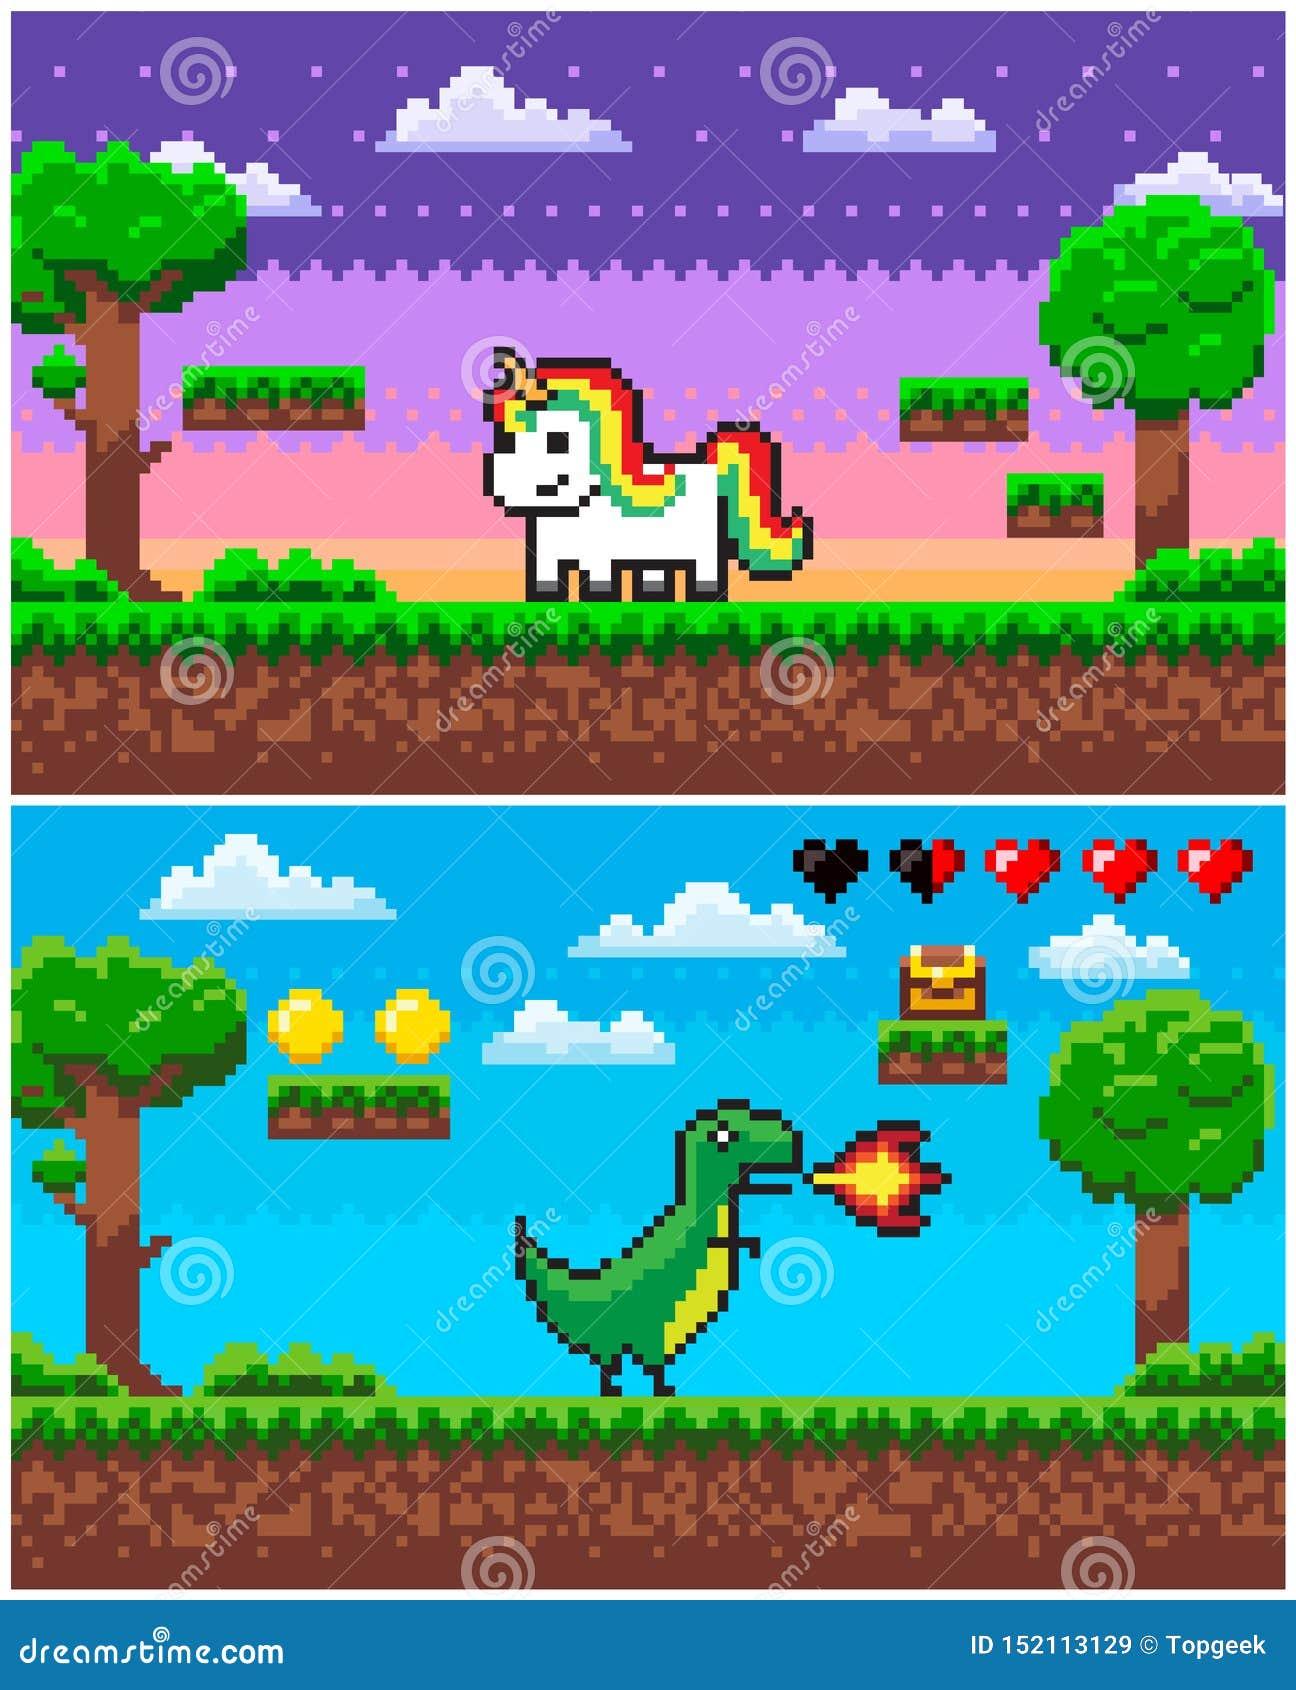 Unicornio Del Dinosaurio Graficos De Pixelated Del Juego Del Pixel Ilustracion Del Vector Ilustracion De Juego Dinosaurio 152113129 En las representaciones modernas, sin embargo, es idéntico a un caballo, solo diferenciándose en la existencia del cuerno. juego del pixel ilustracion del vector